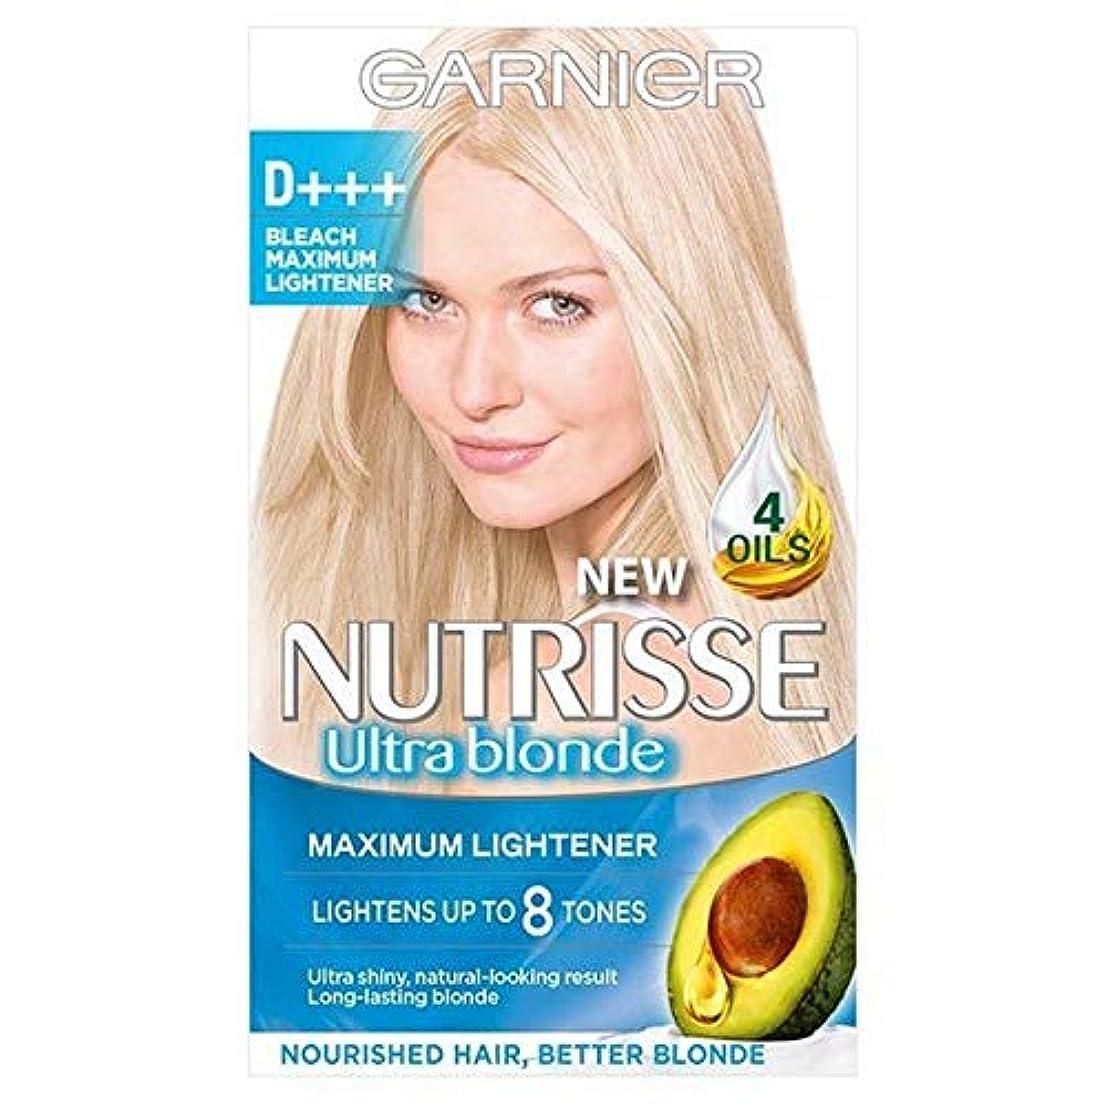 グレートバリアリーフ出来事ガラス[Garnier ] ガルニエNutrisse D +++漂白ライトナーパーマネントヘアダイ - Garnier Nutrisse D+++ Bleach Lightener Permanent Hair Dye [並行輸入品]